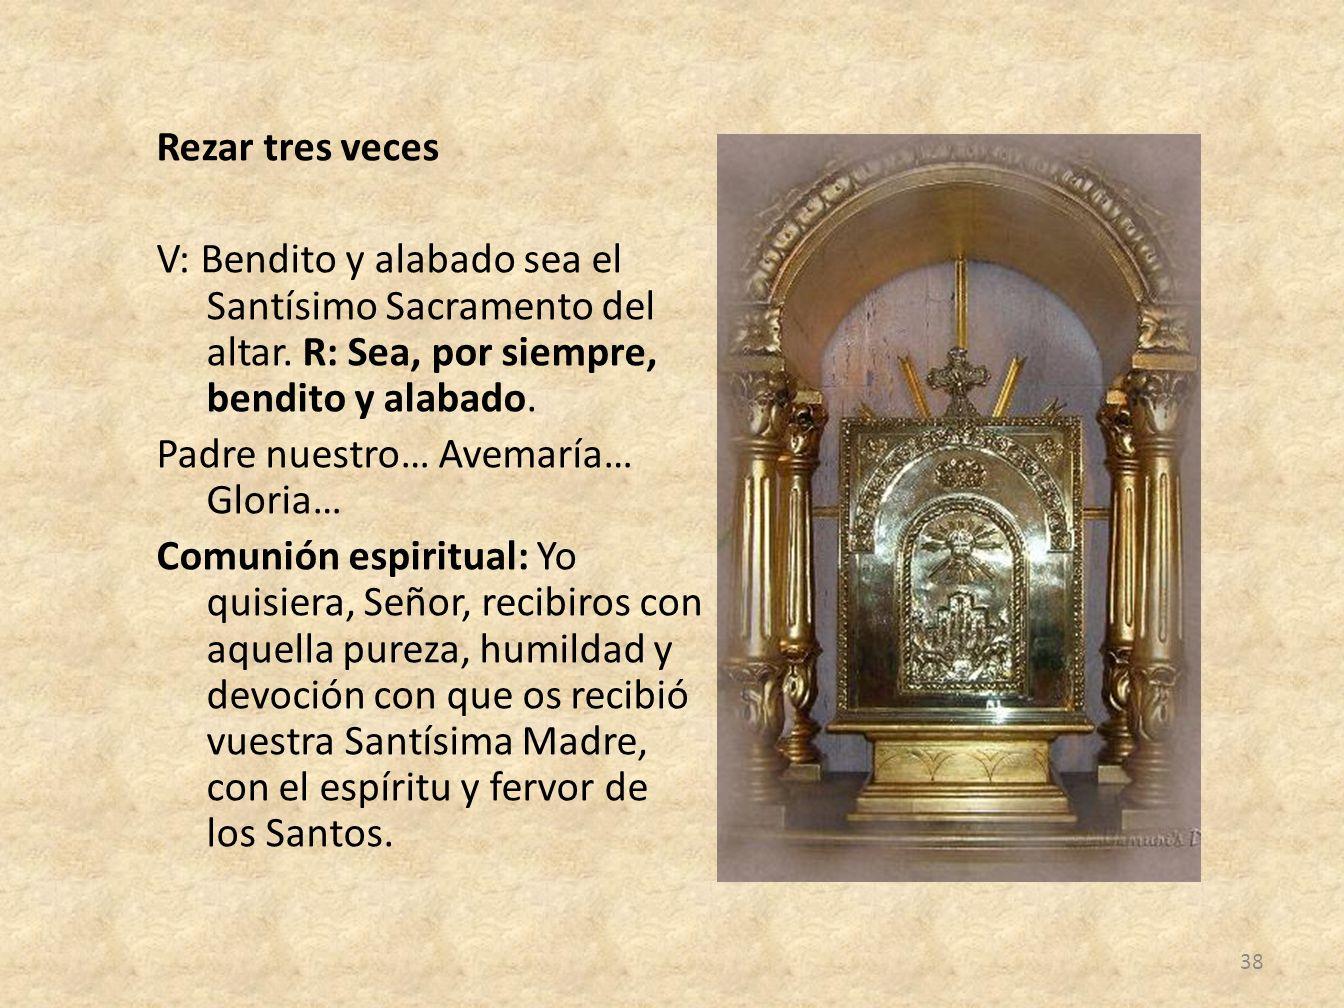 Rezar tres veces V: Bendito y alabado sea el Santísimo Sacramento del altar. R: Sea, por siempre, bendito y alabado. Padre nuestro… Avemaría… Gloria…